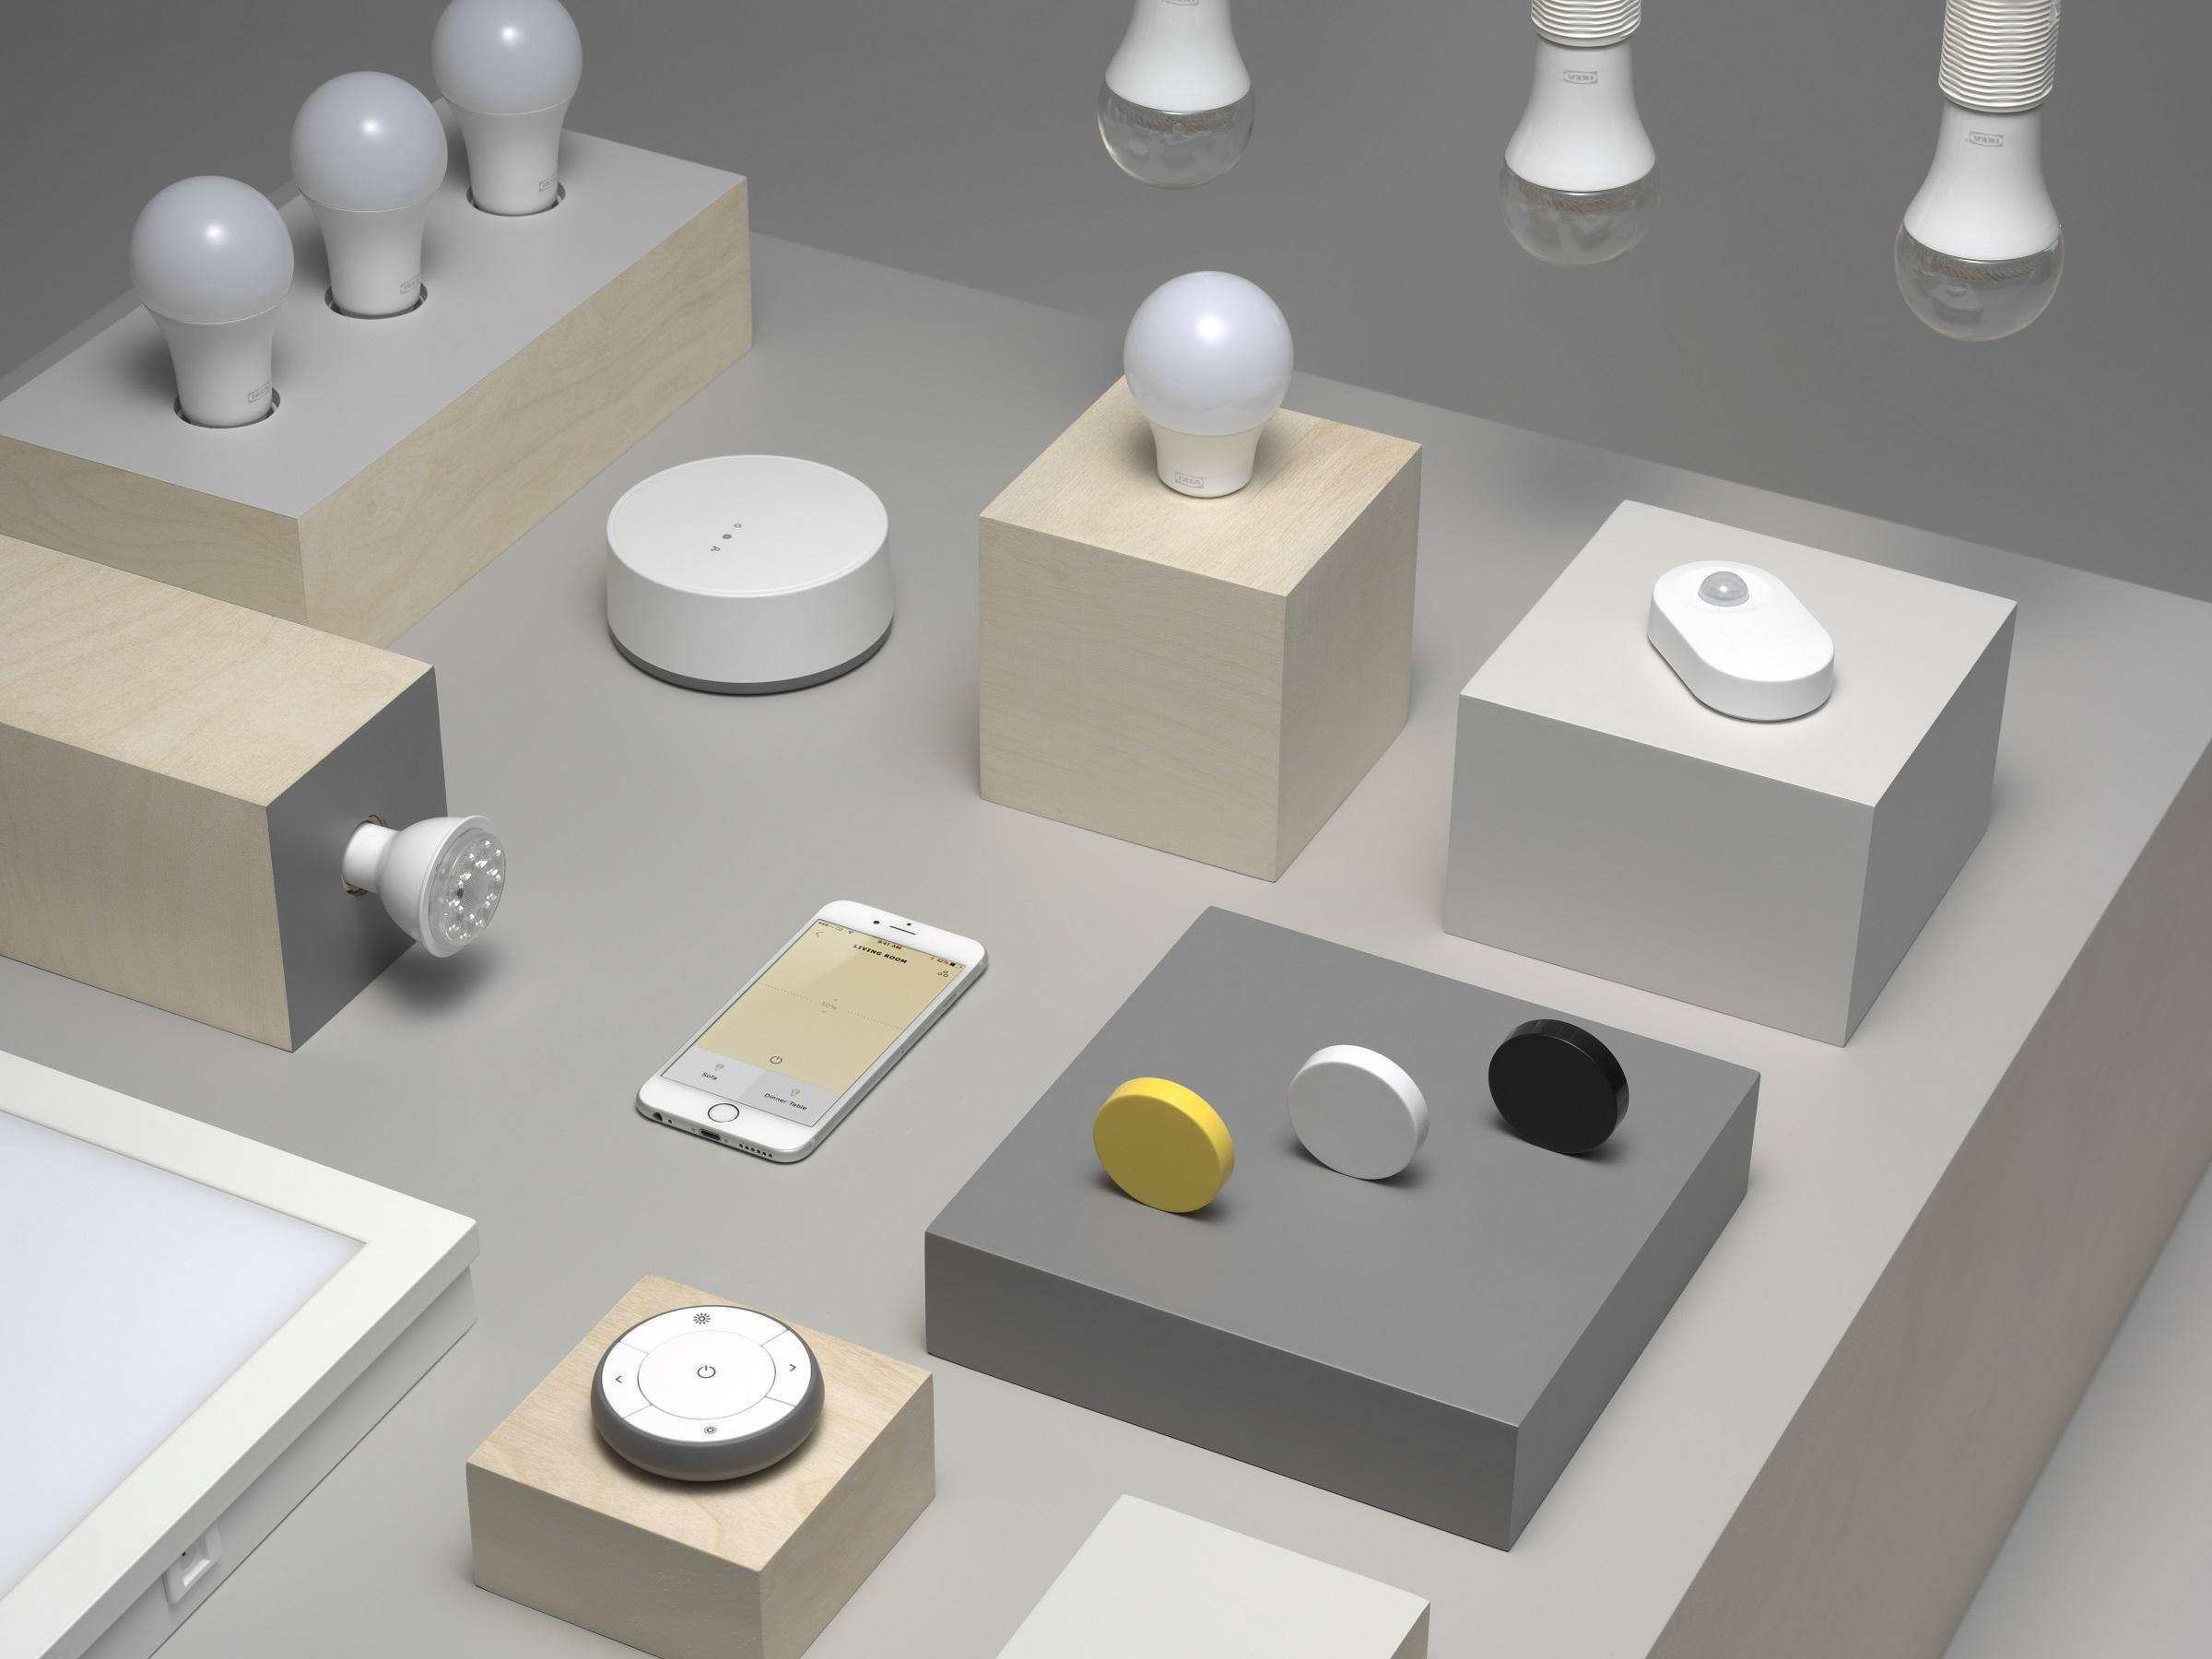 ikea launching smart home lighting   eftm